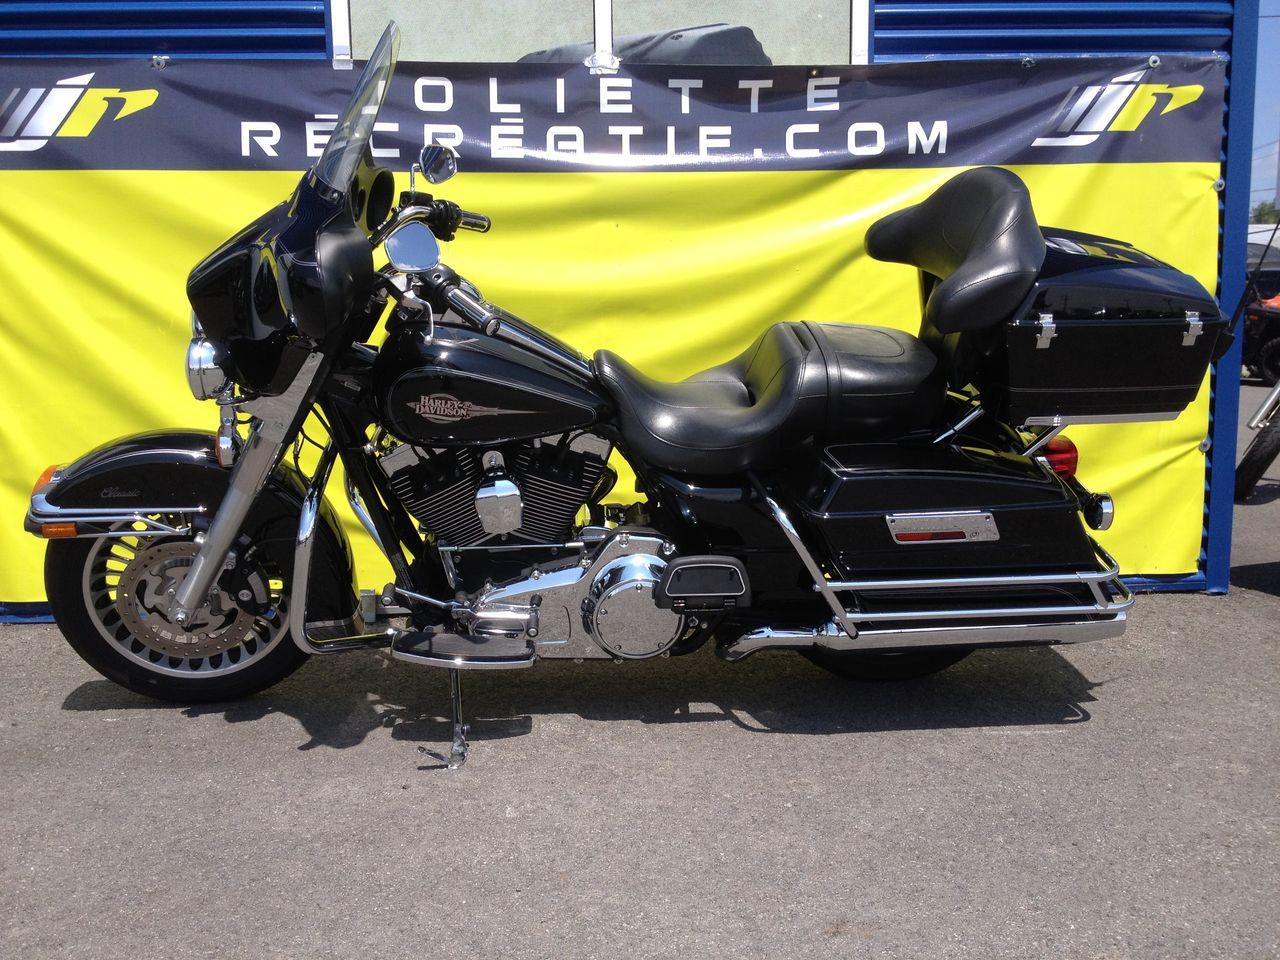 2011 Harley FLHTC 19,995$